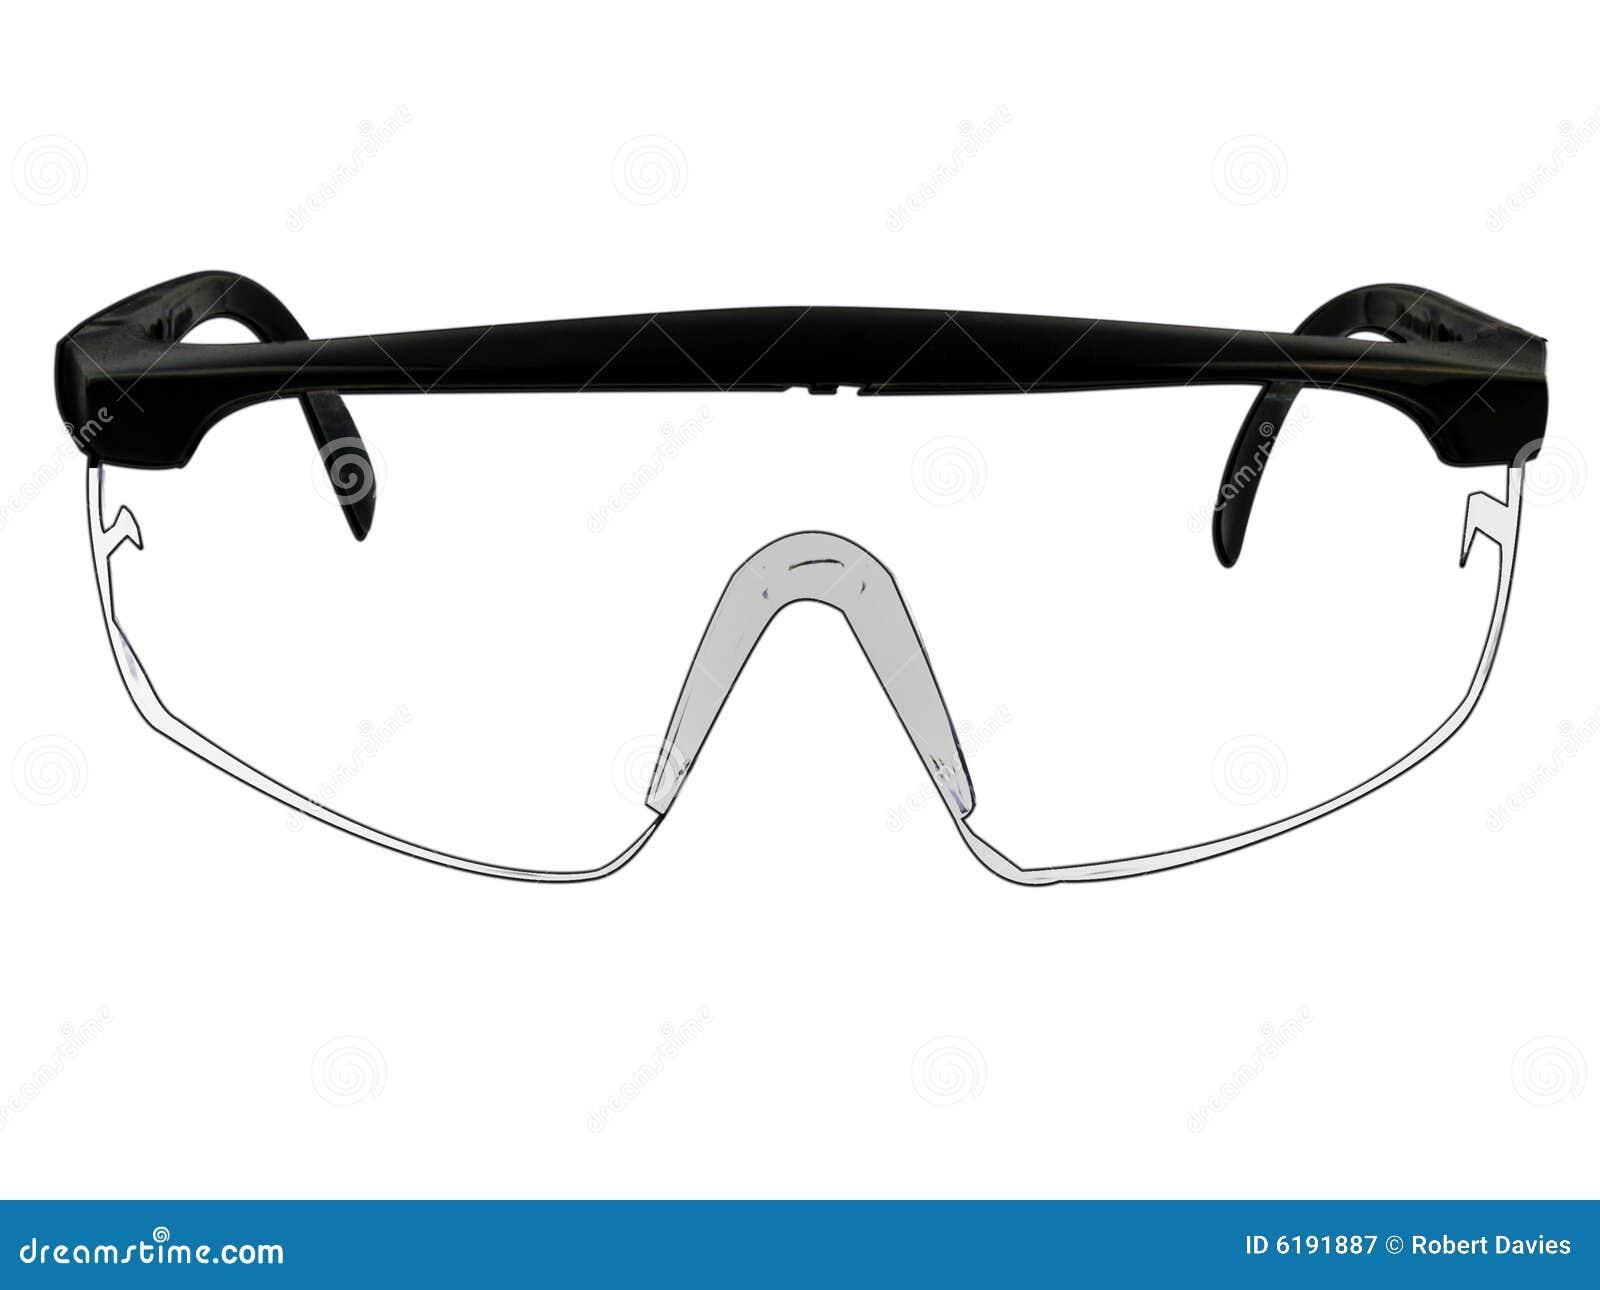 De Illustratie van de Glazen van de Beschermende brillen van de veiligheid op Wit